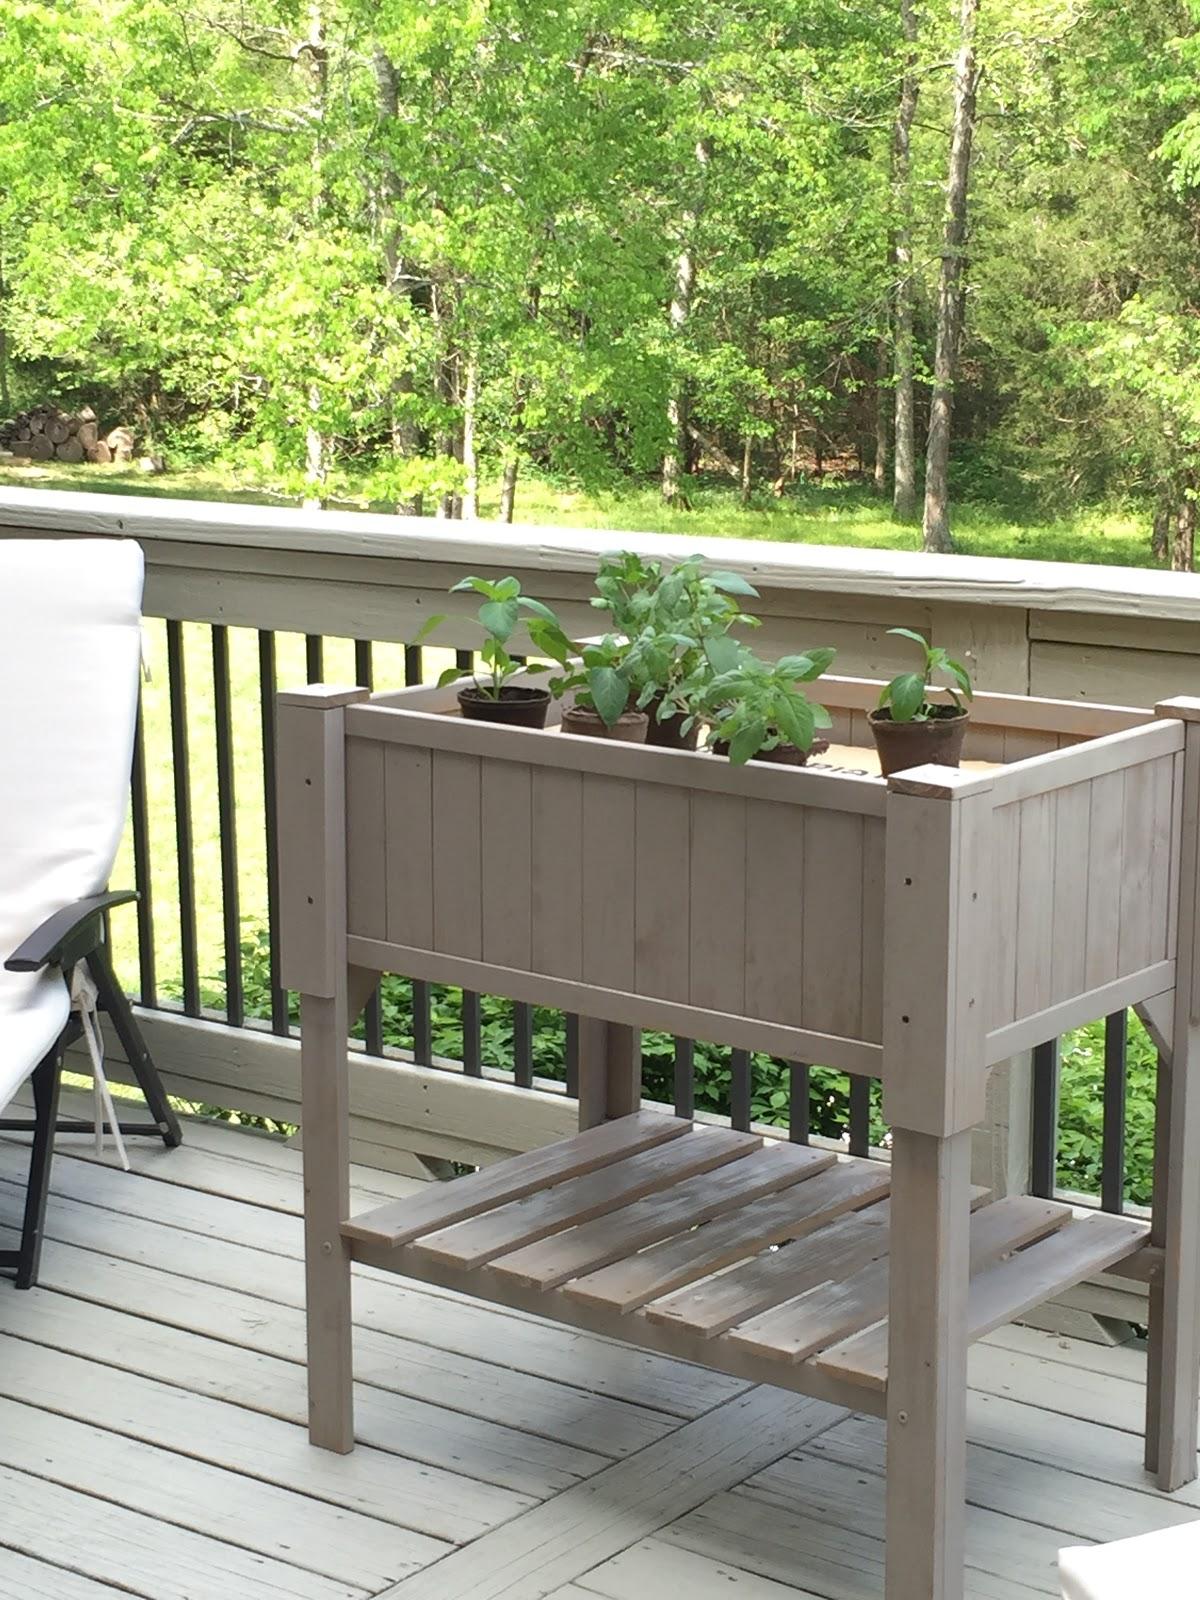 Trend herb garden planter on deck